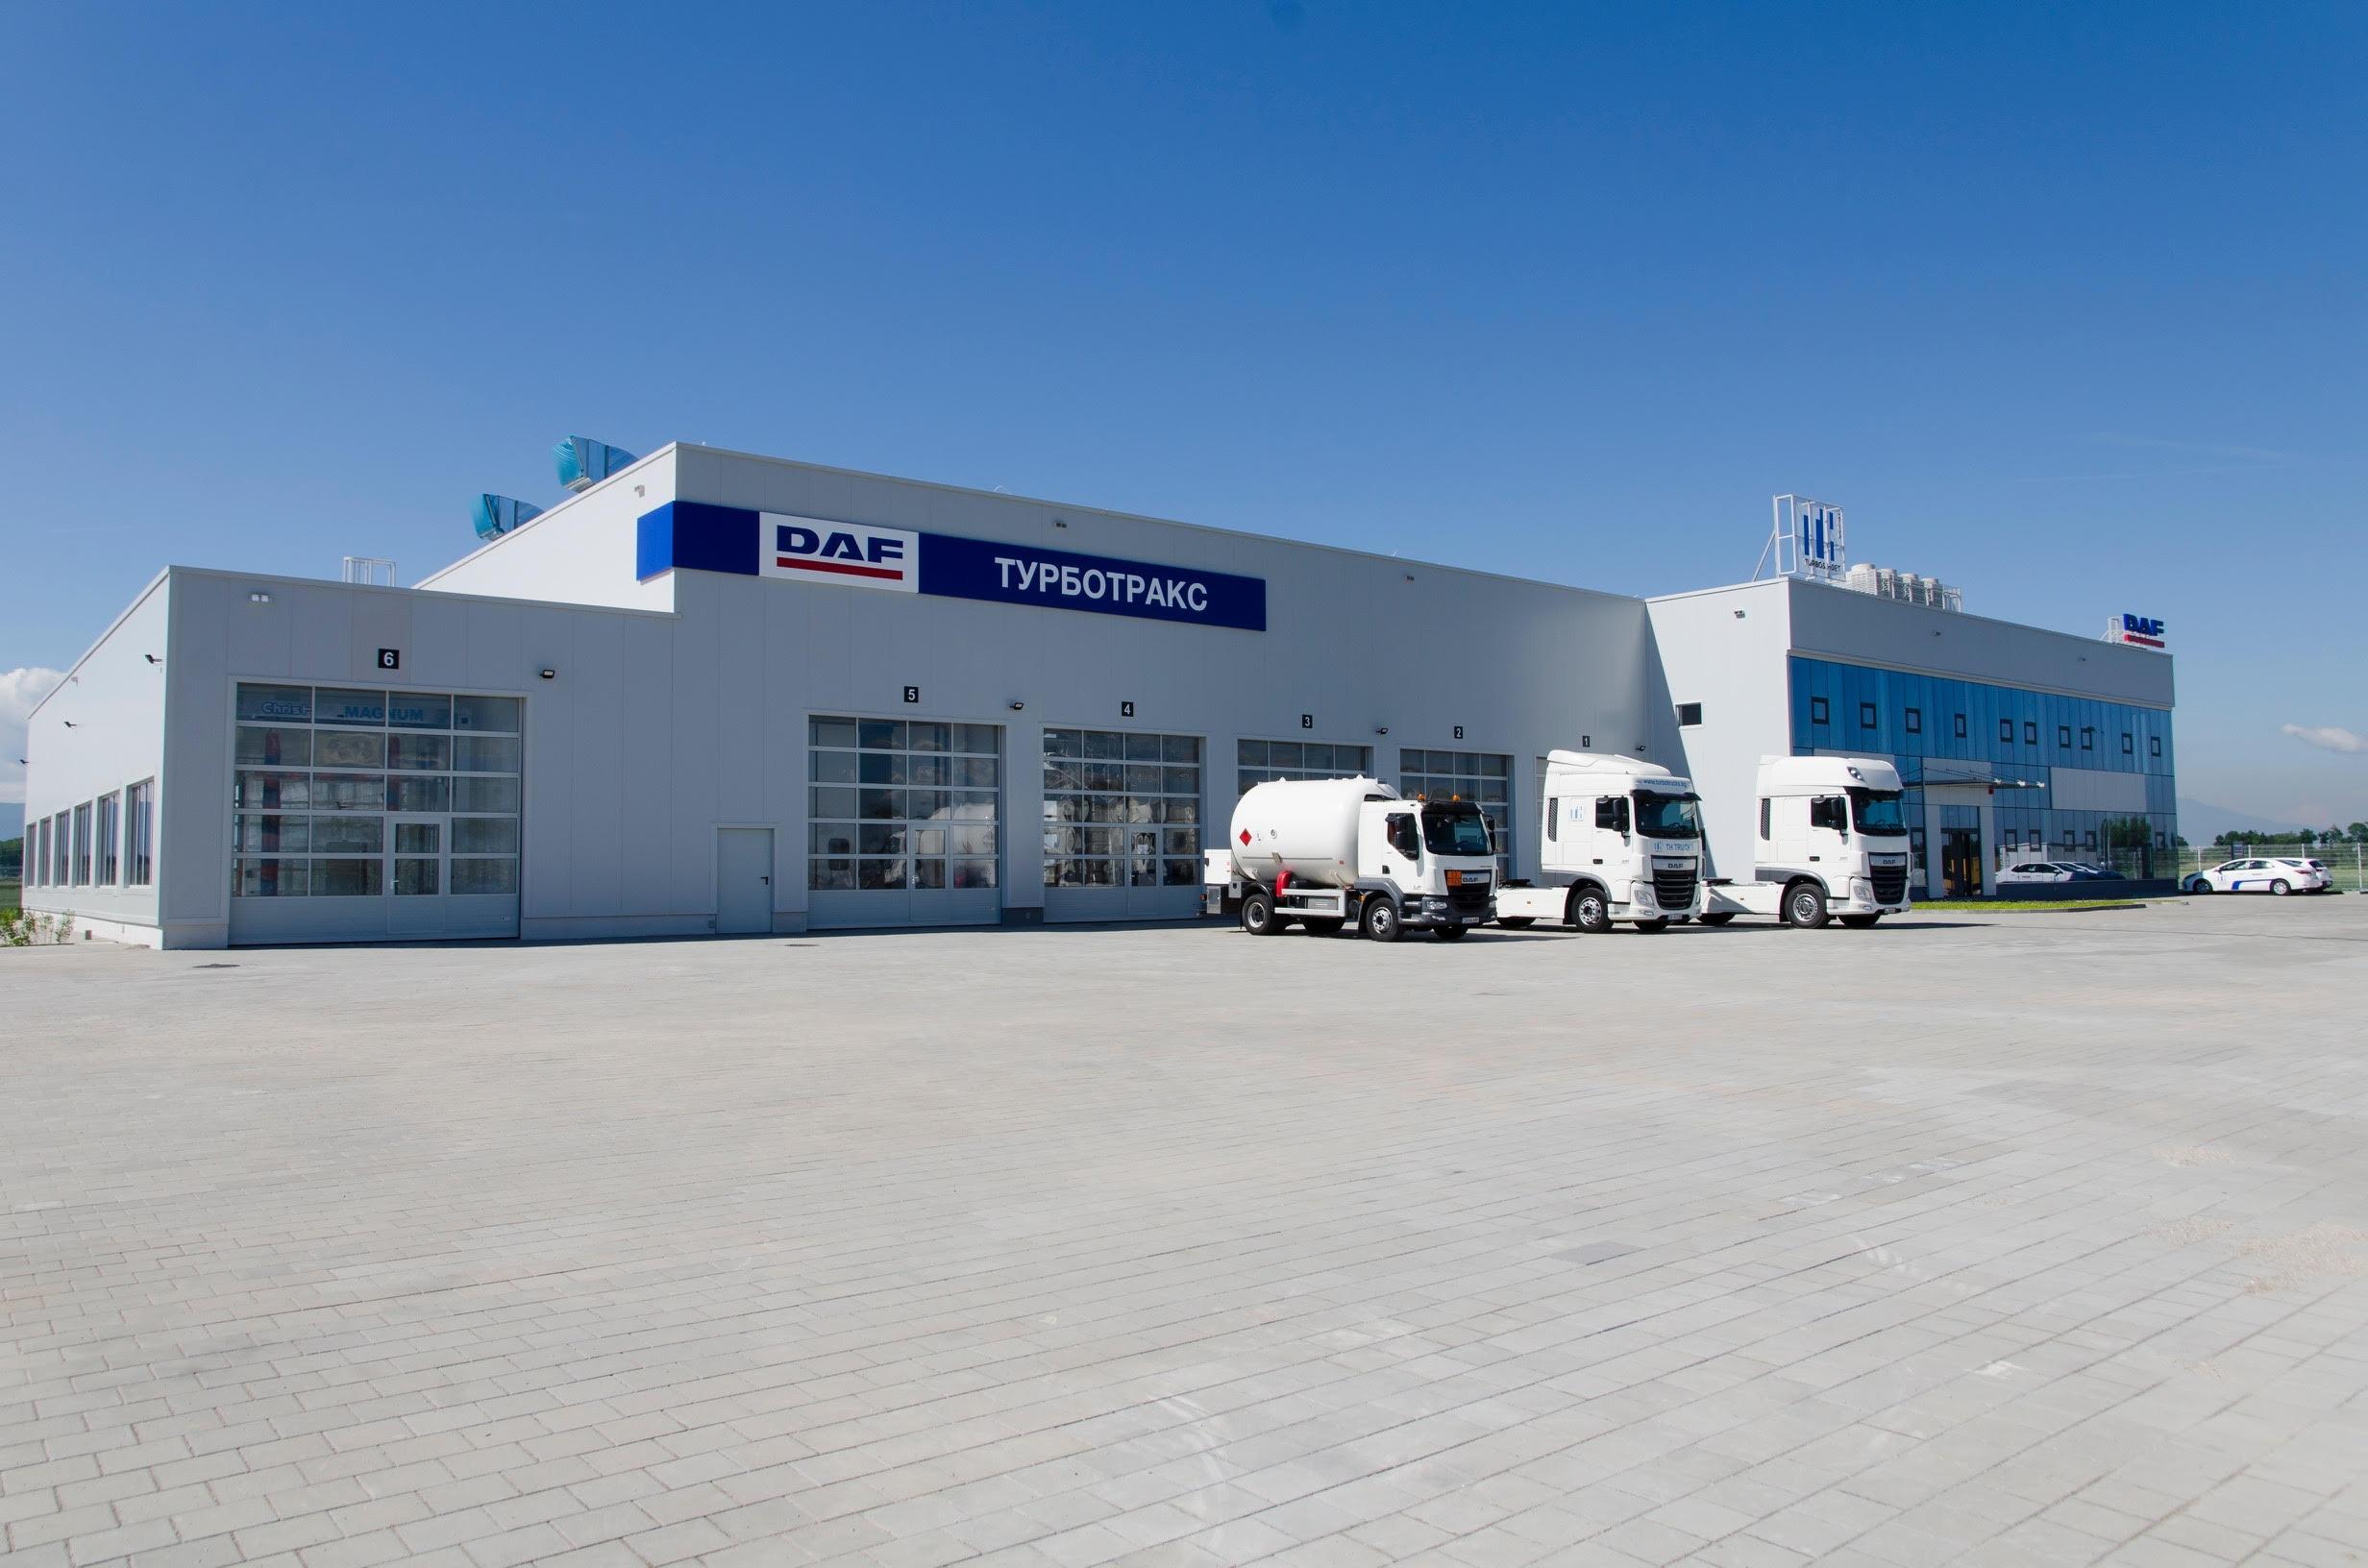 Новият търговско-сервизен комплекс на Турботракс в София бе открит с